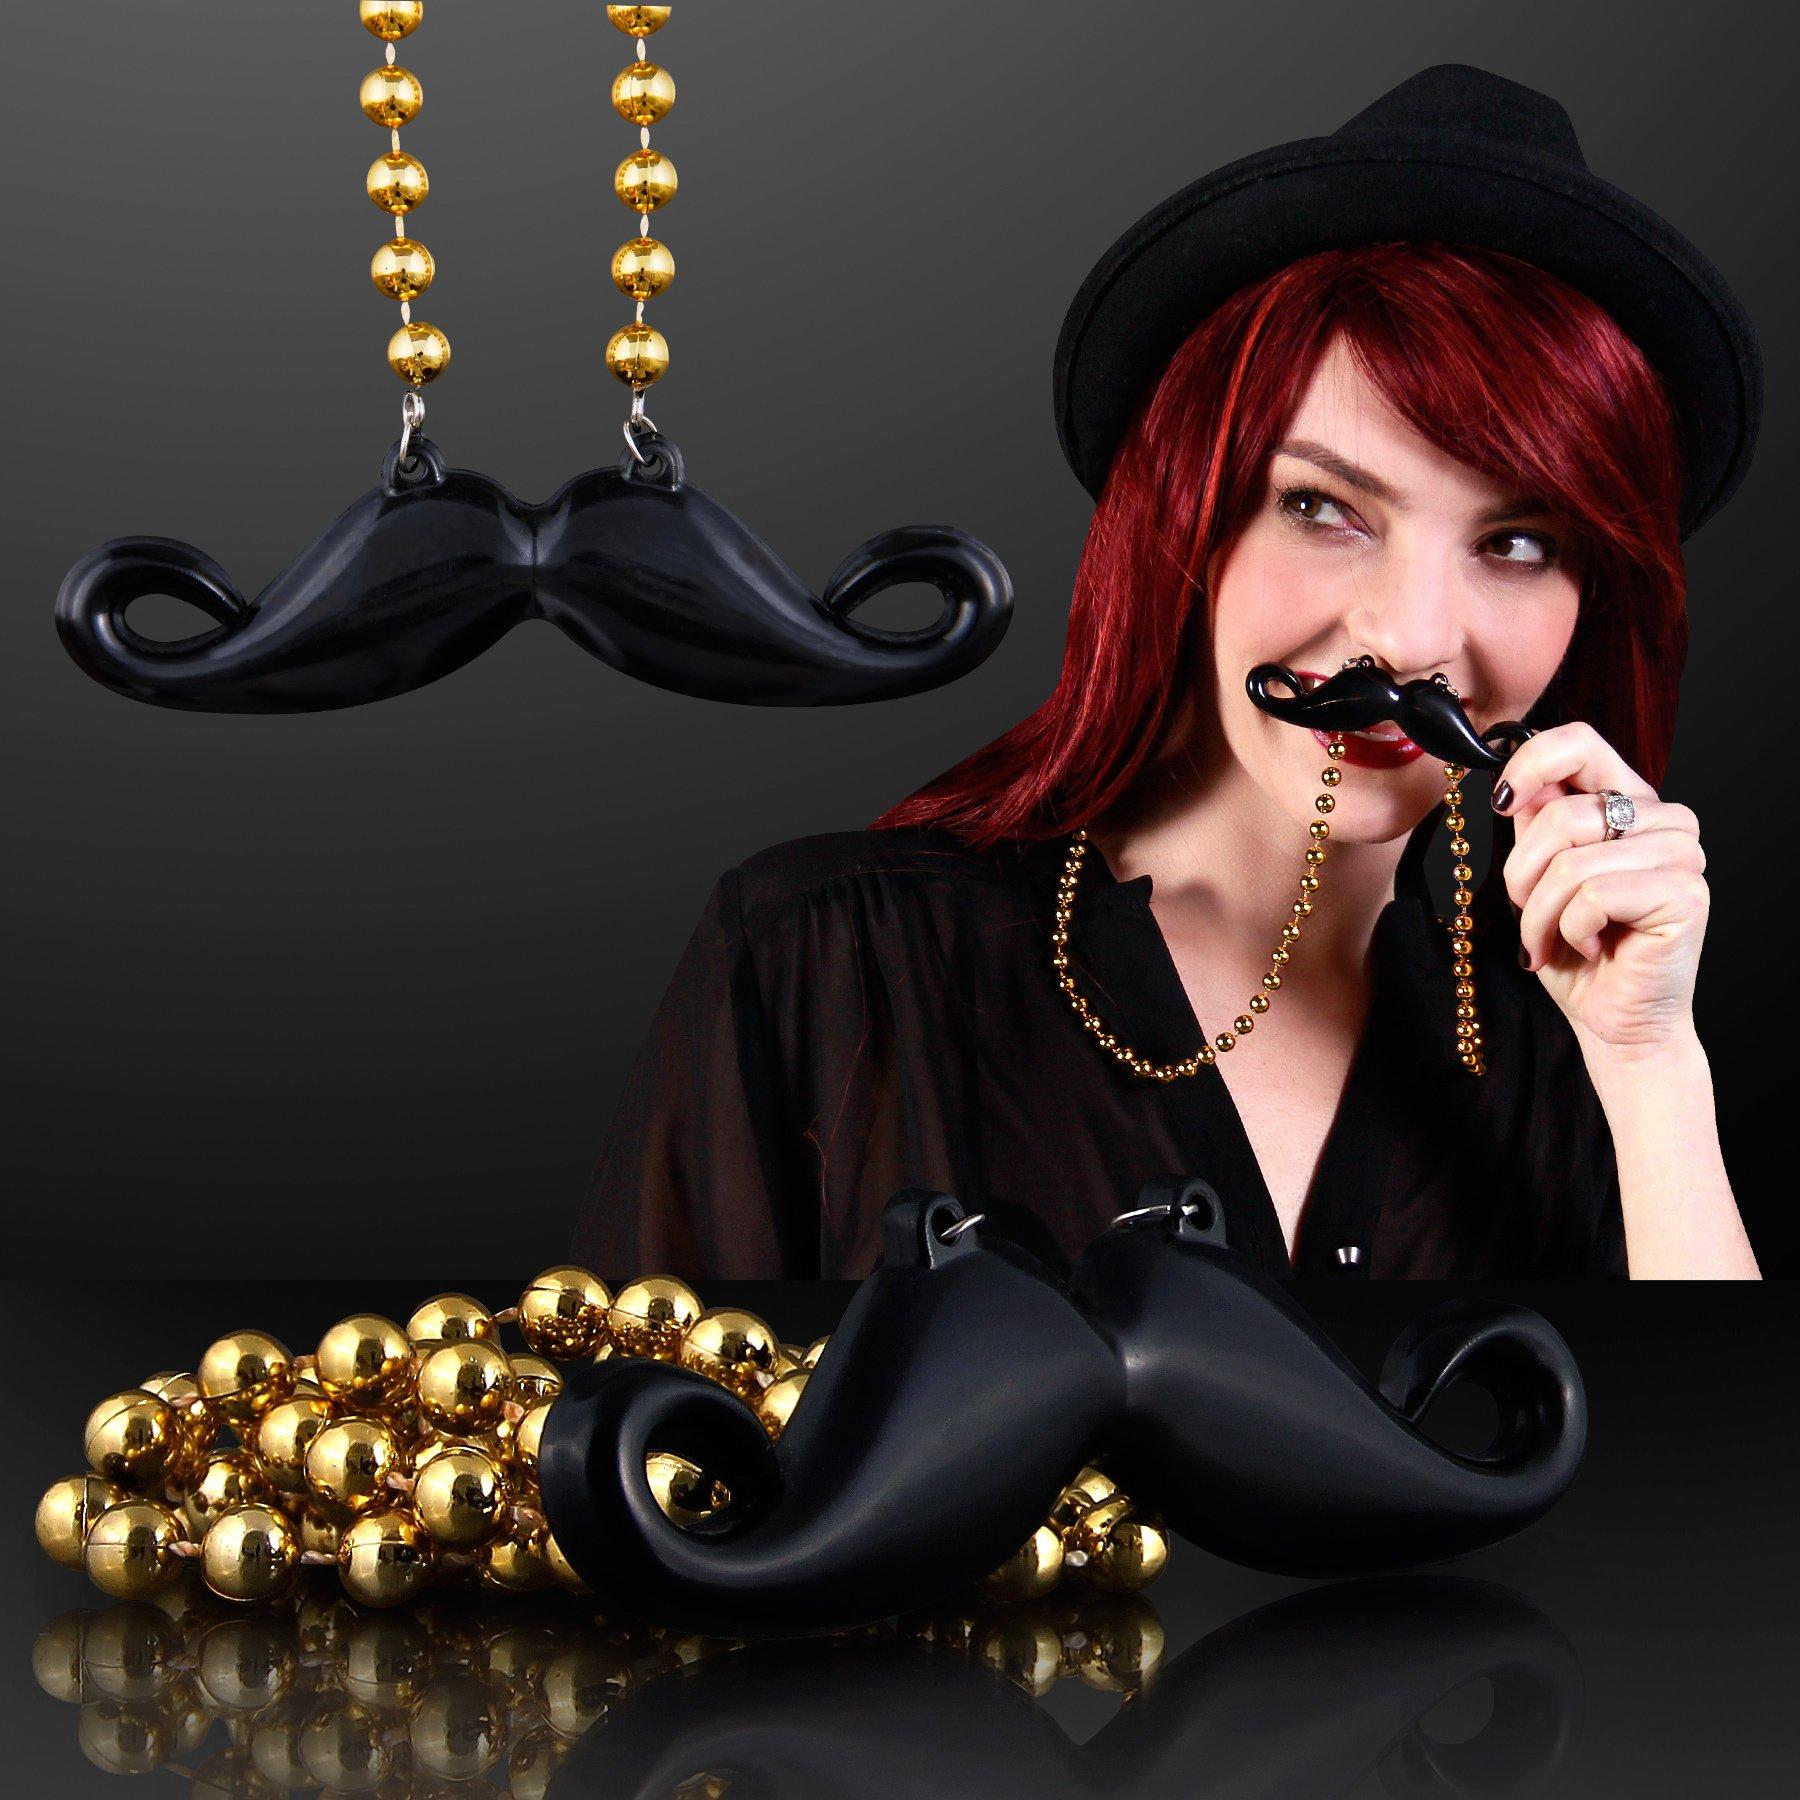 FlashingBlinkyLights Hipster Mustache on Mardi Gras Bead Necklace (Set of 48)